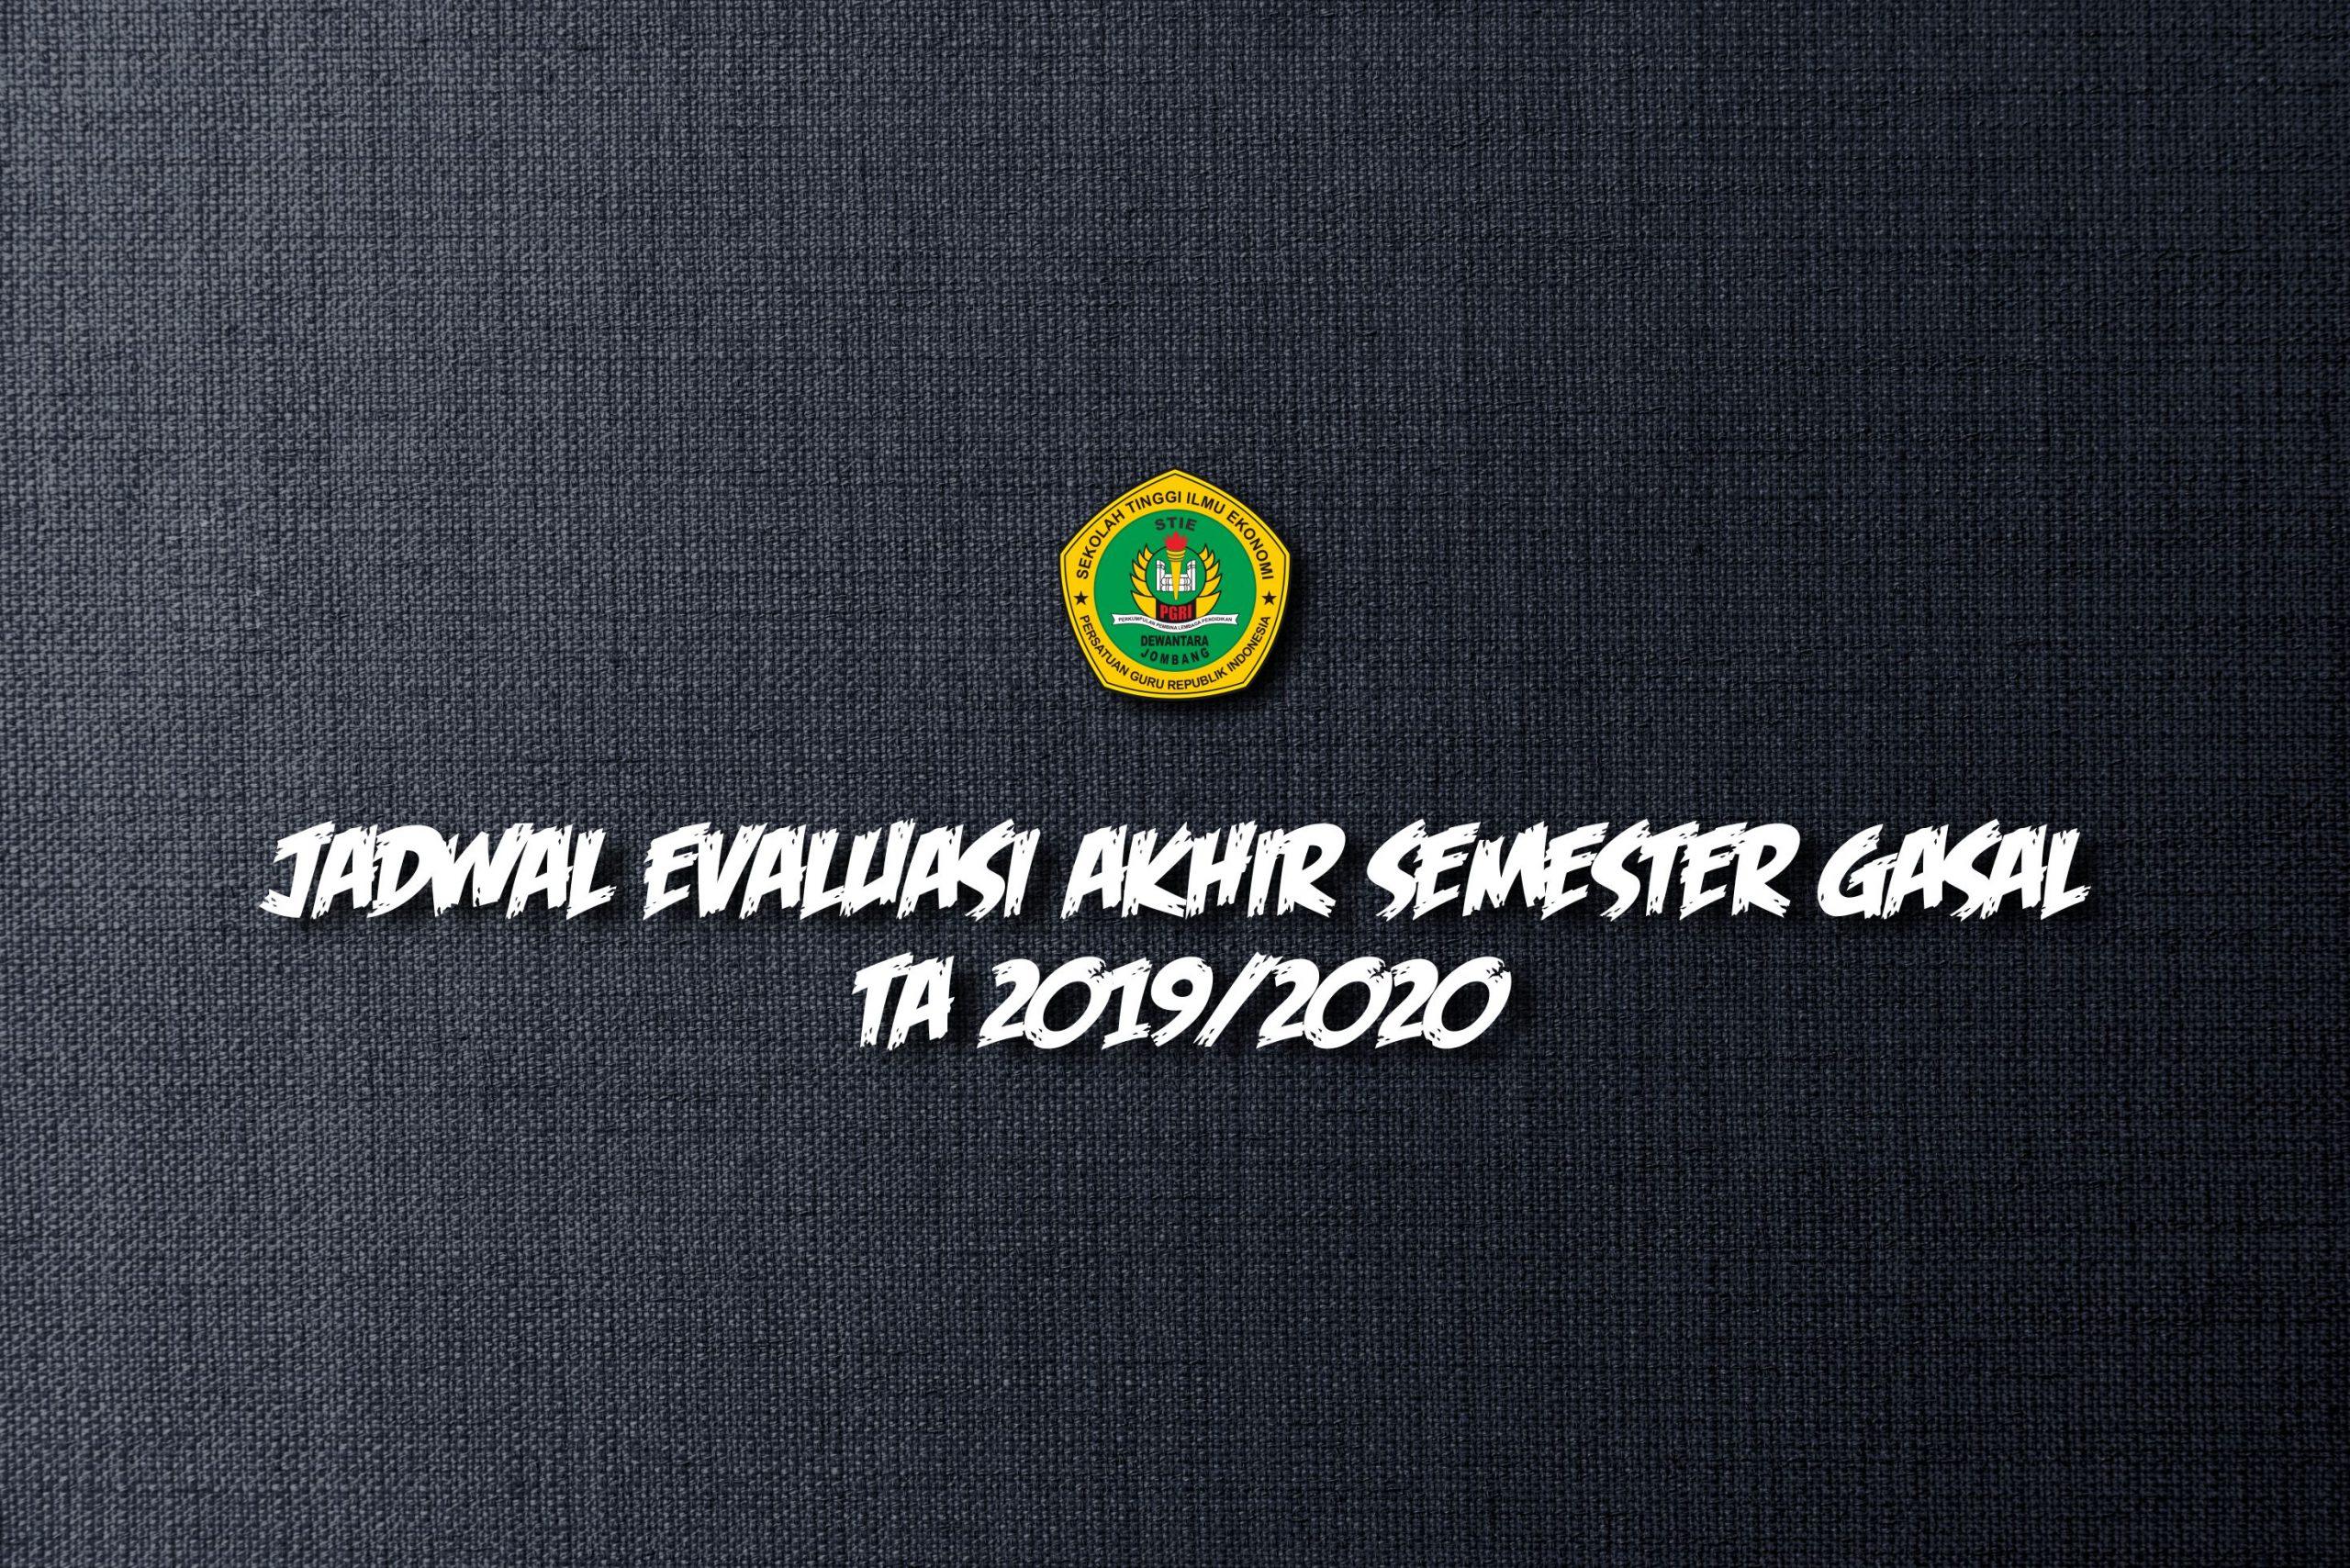 JADWAL PELAKSANAAN EVALUASI AKHIR SEMESTER GASAL TA 2019/2020